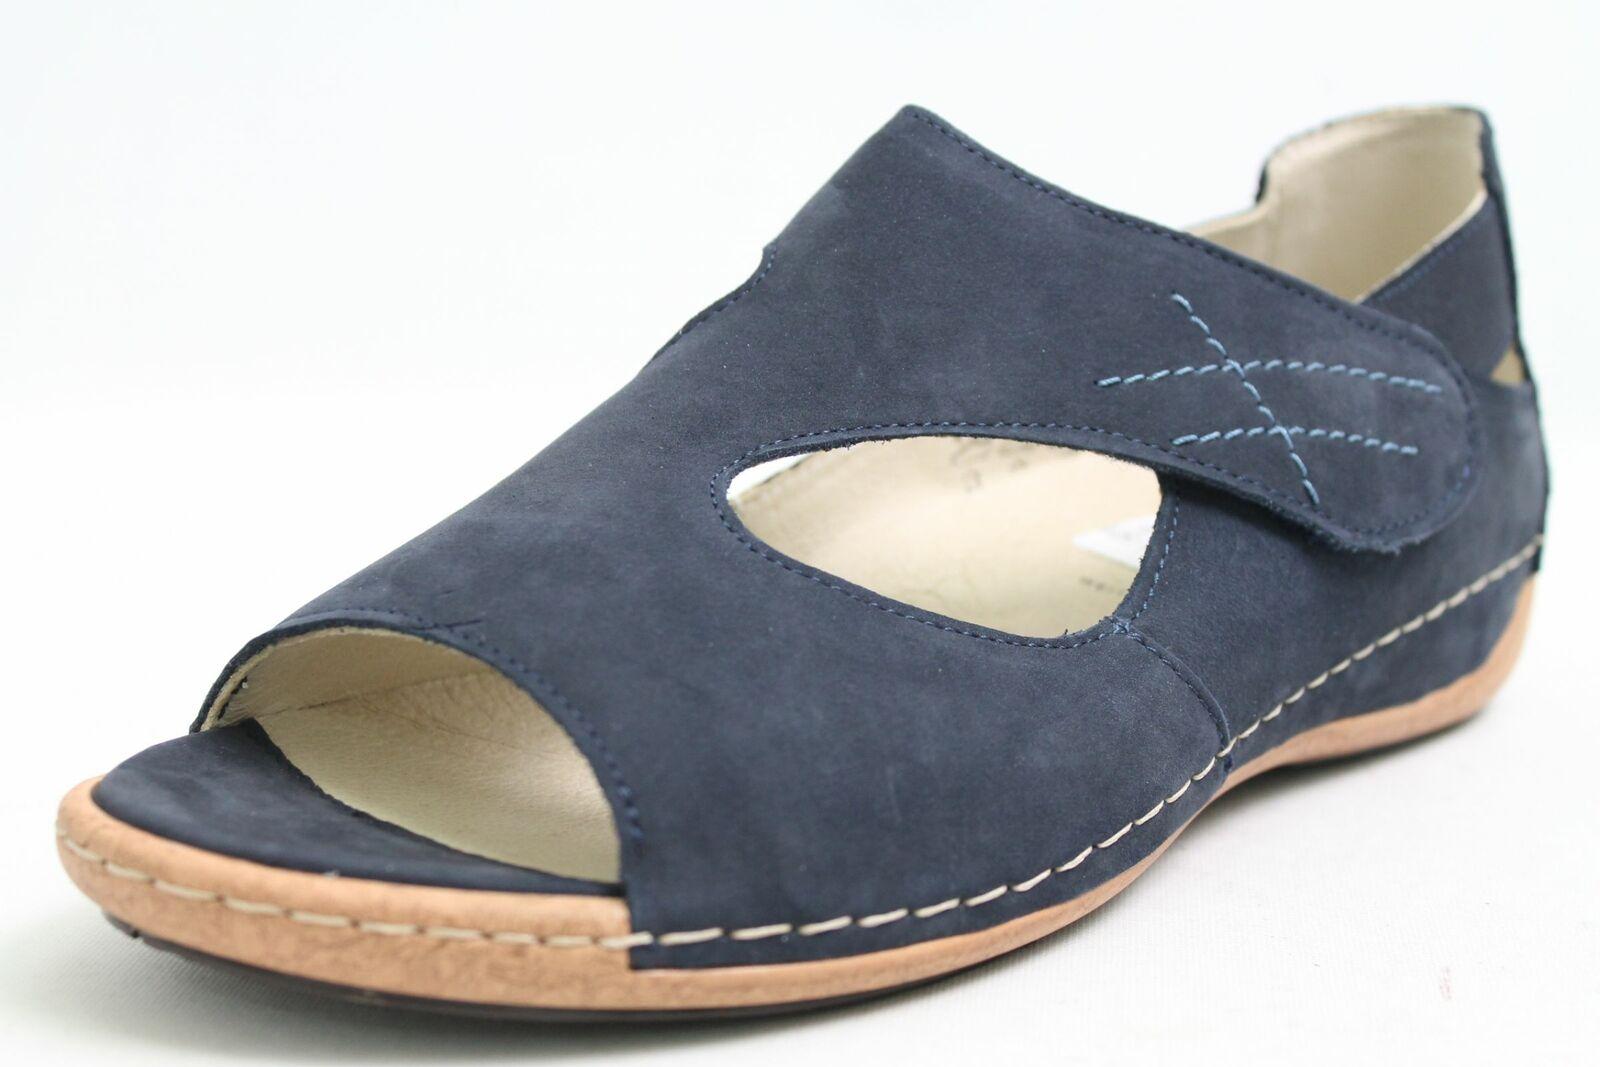 Waldläufer Schuhe blau echt Nubuk Leder Klettverschluss Schuhweite H